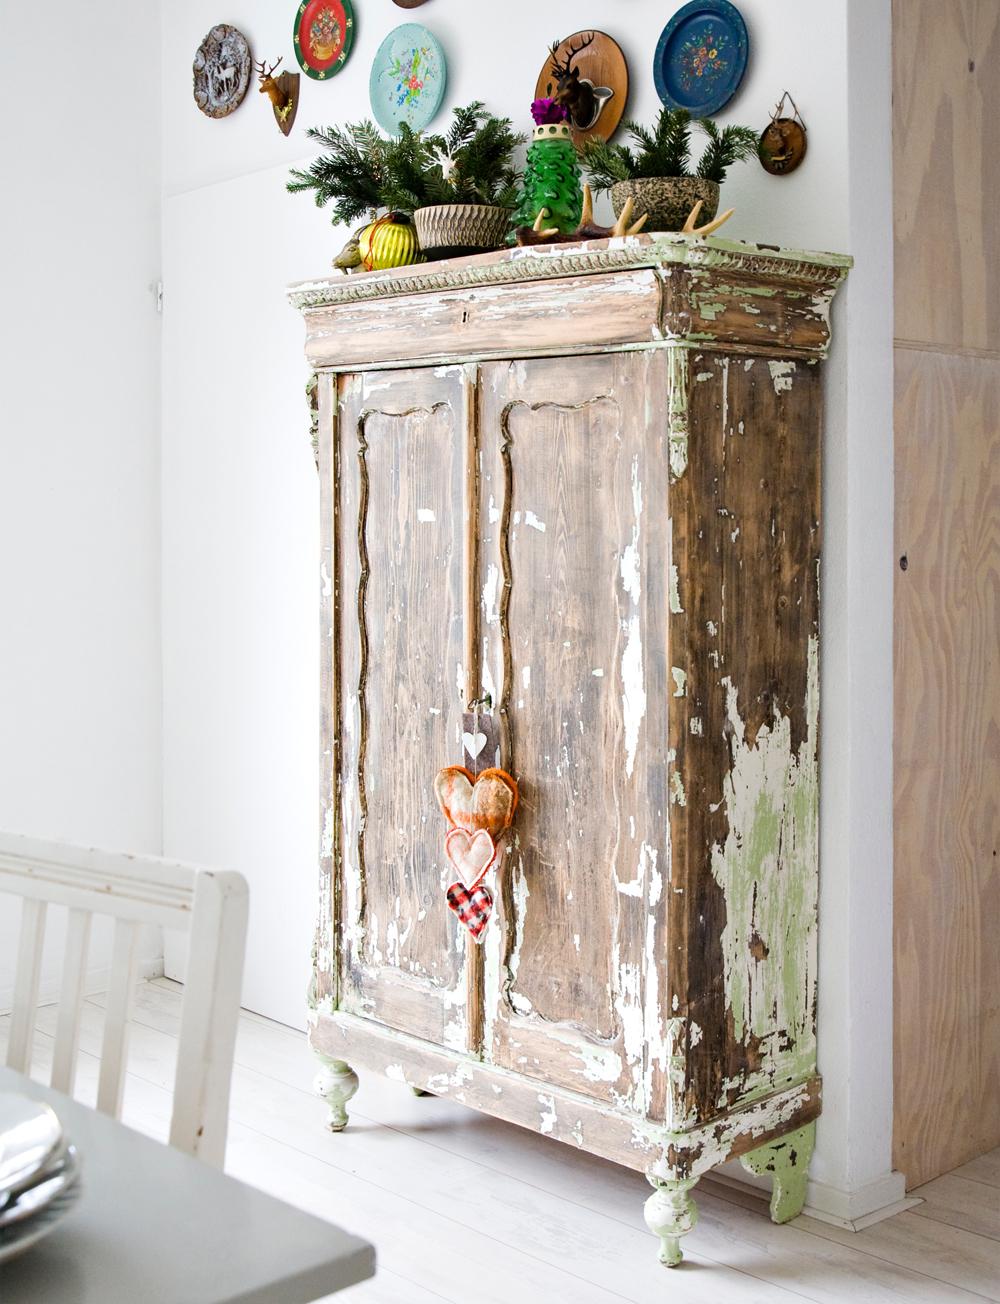 Kerst Styling Inspiratie 1 Pimpelwit Interieur